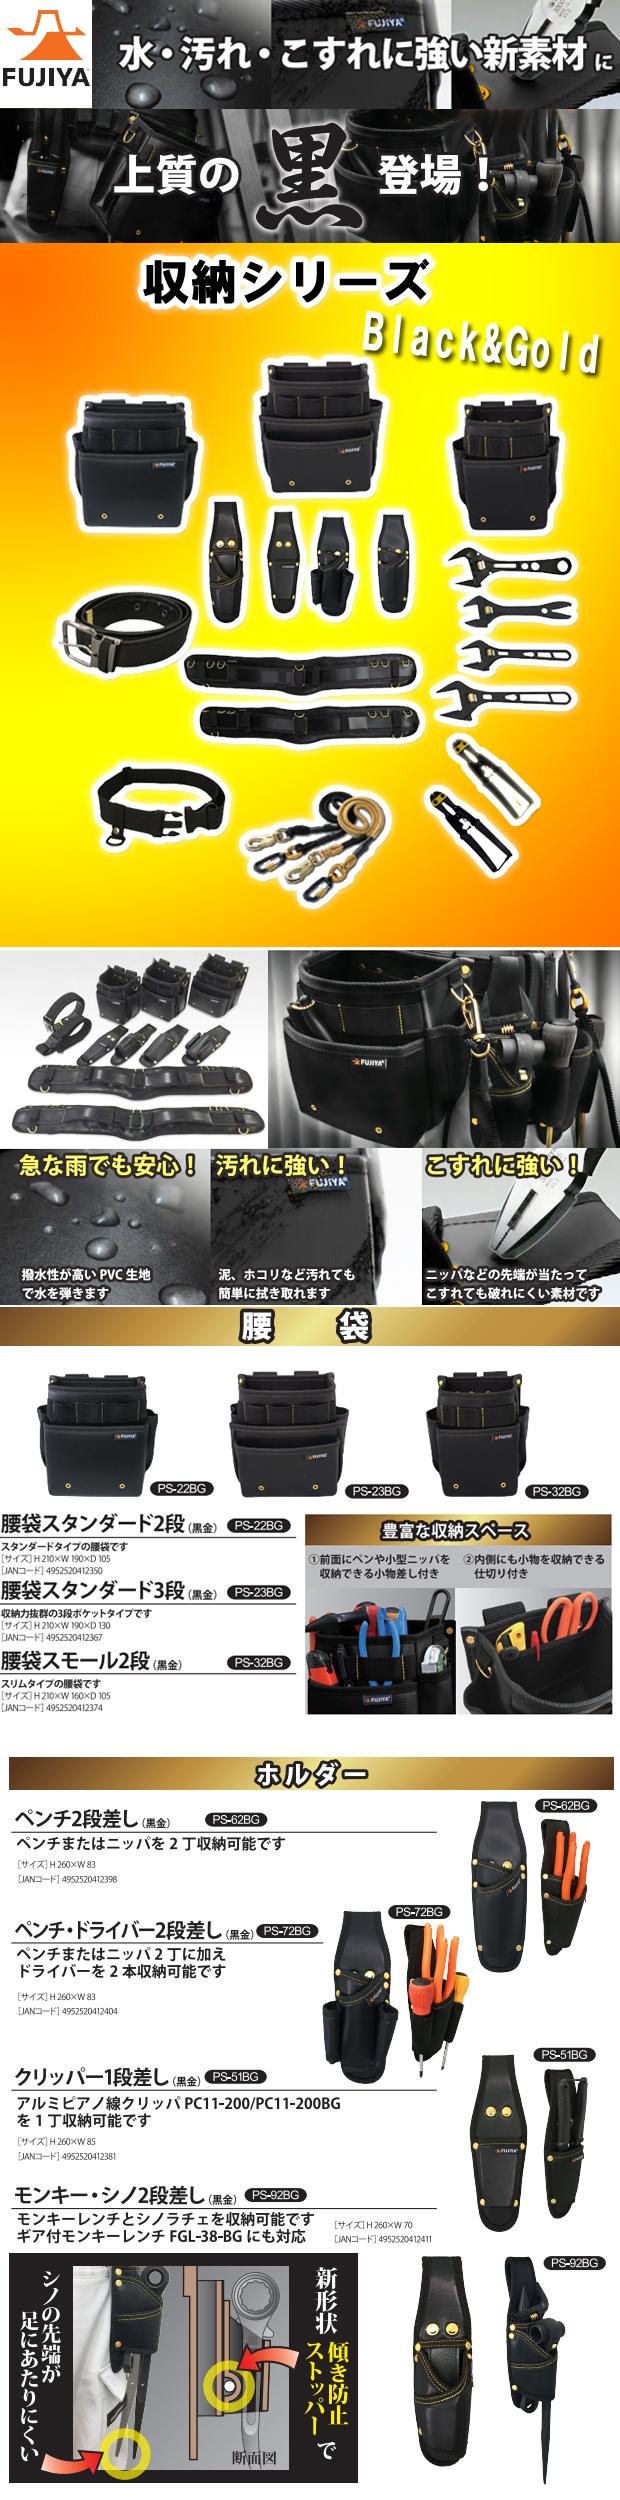 フジ矢 収納シリーズ Black&Gold